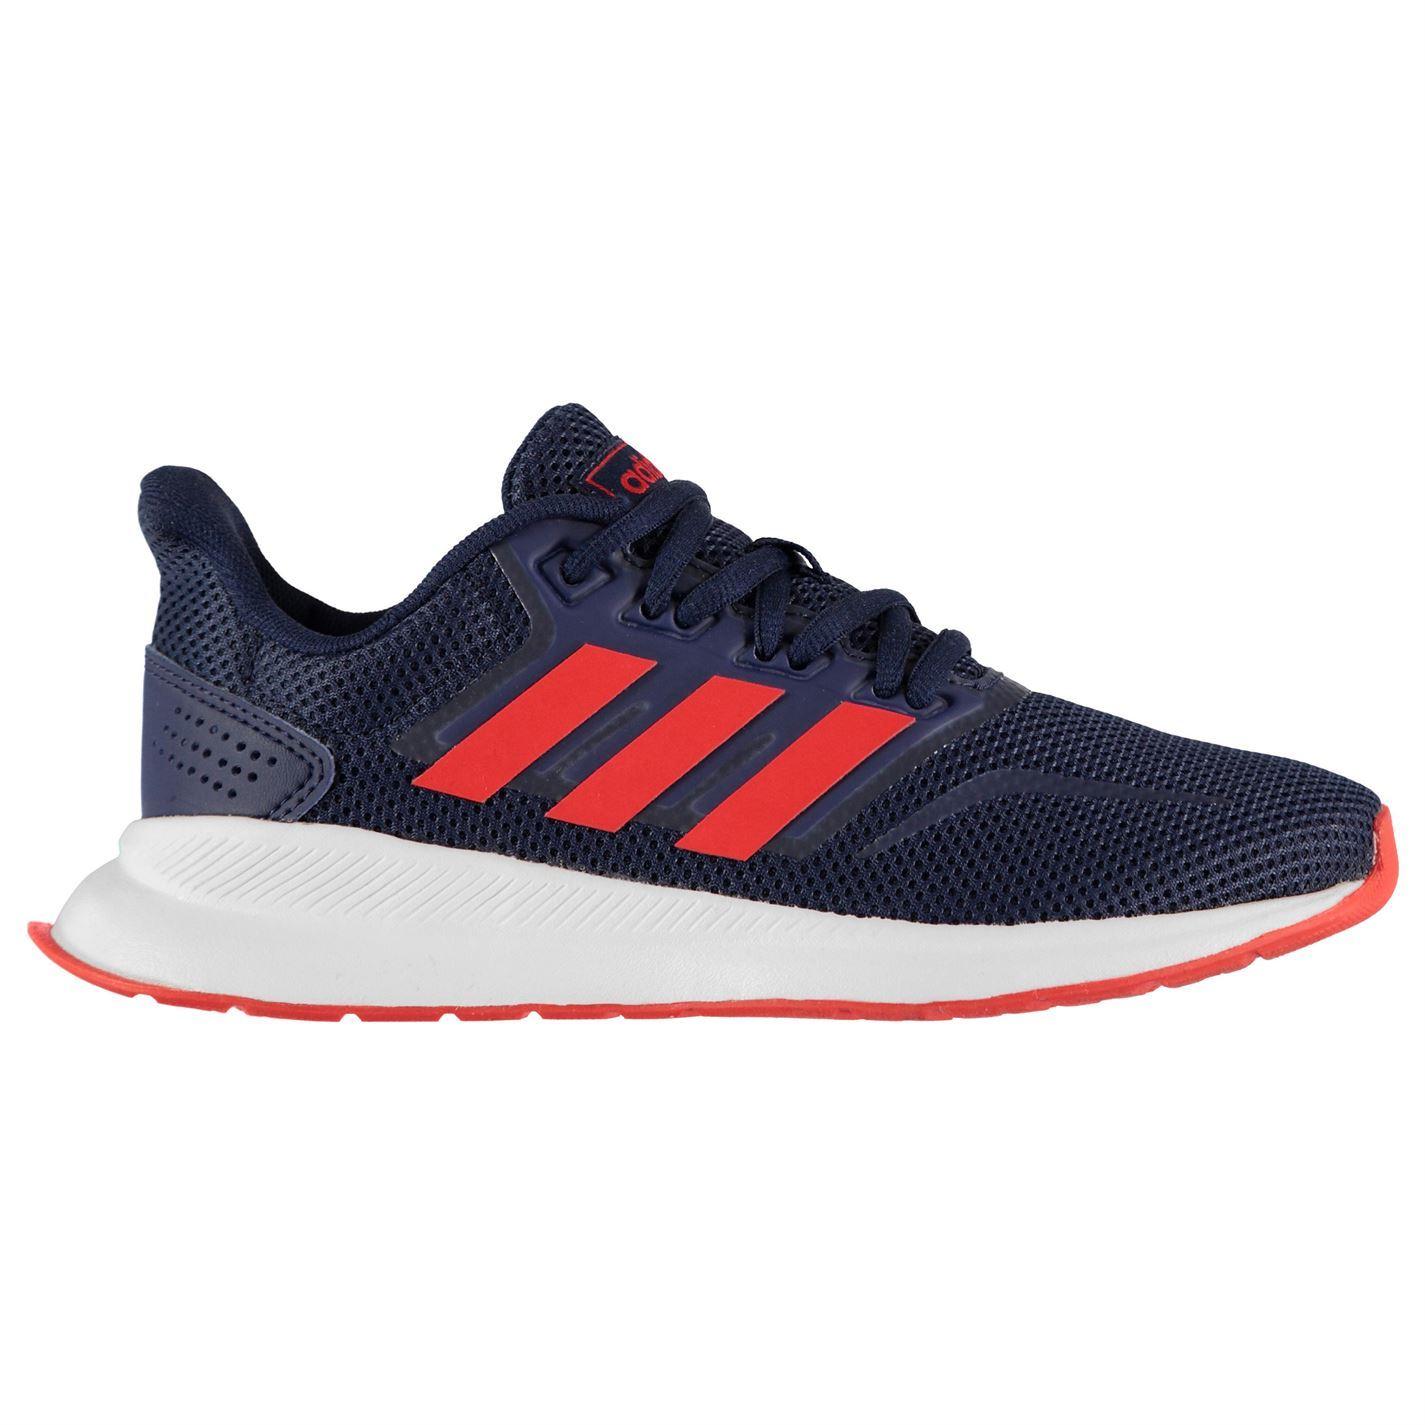 adidas schoenen kidd